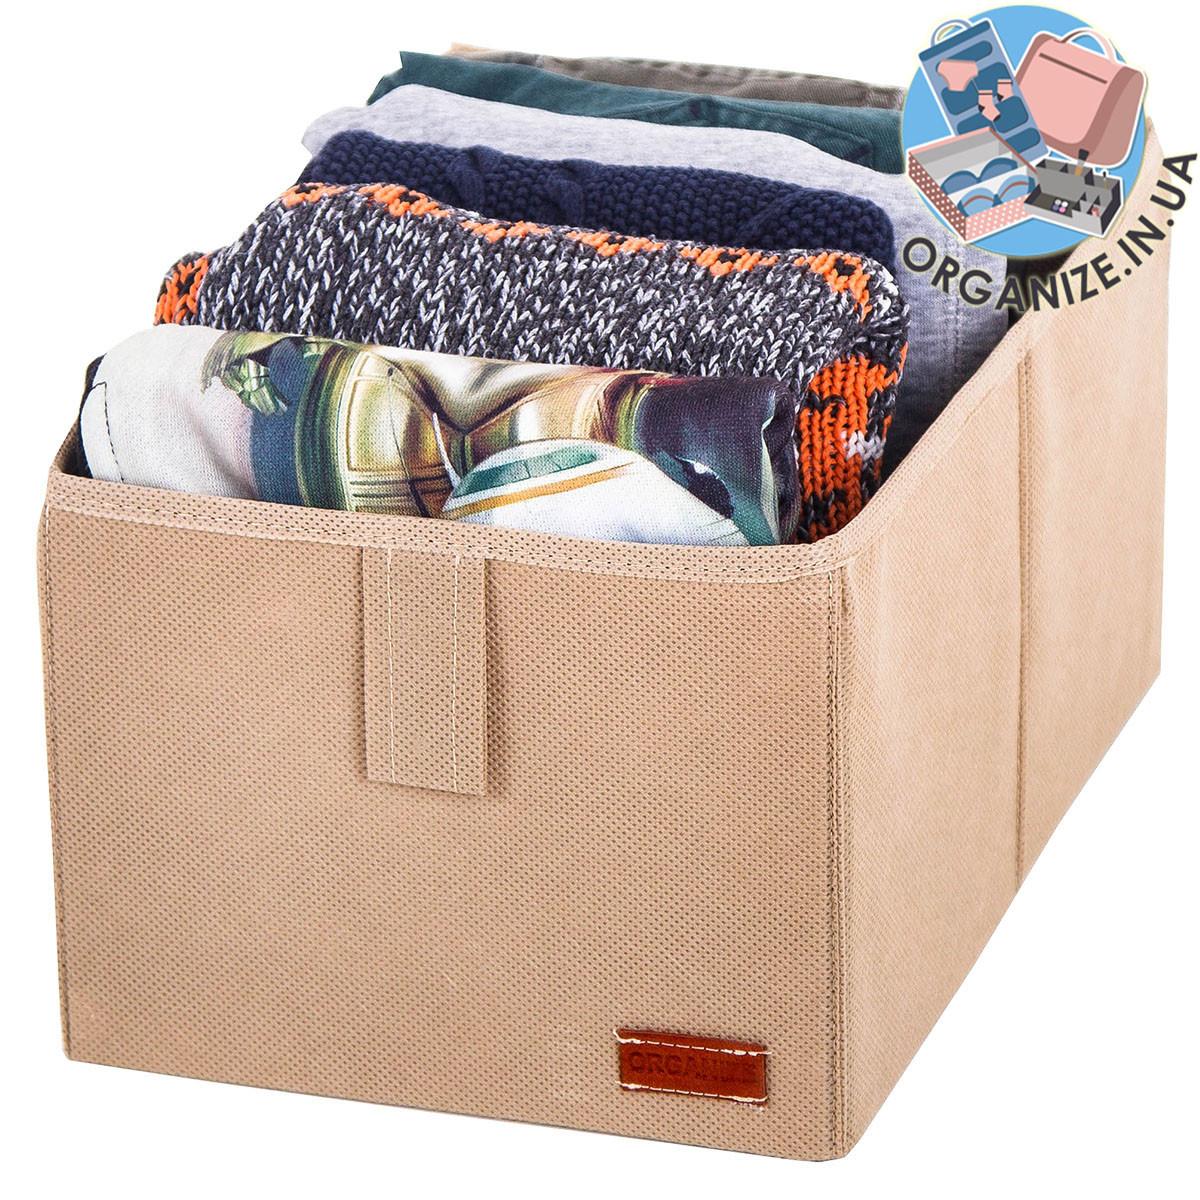 Ящик-органайзер для хранения вещей M (бежевый)